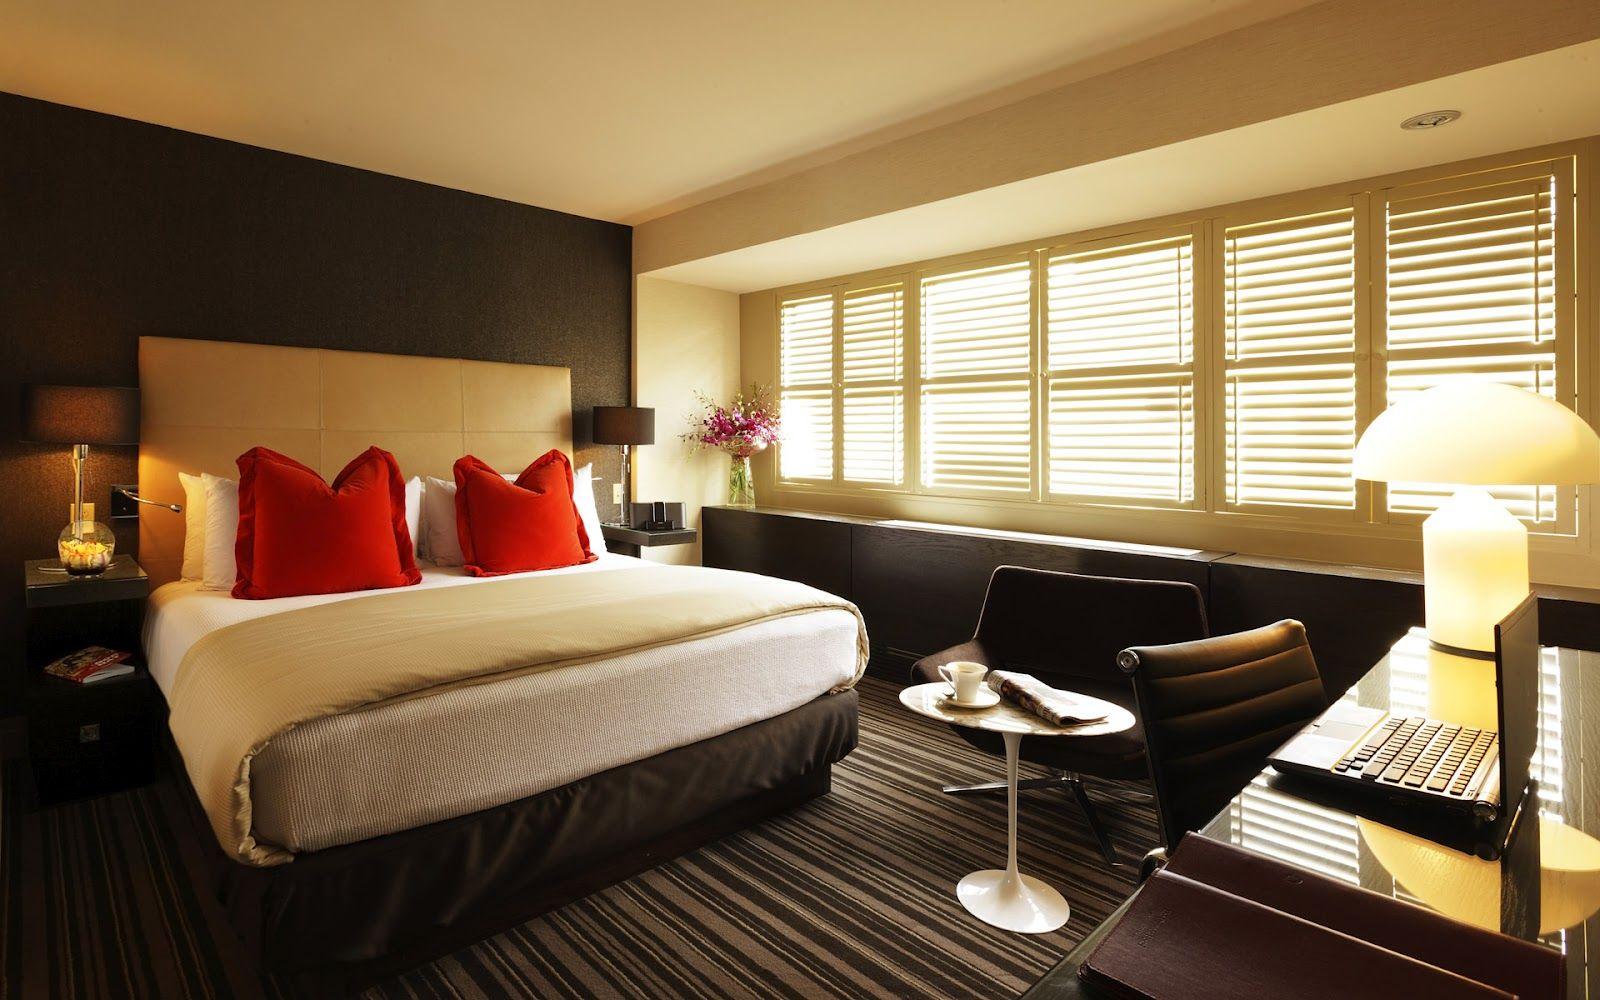 Schlafzimmer Wenge ~ Dormitorio en wenge fotografias de habitaciones modernas mi